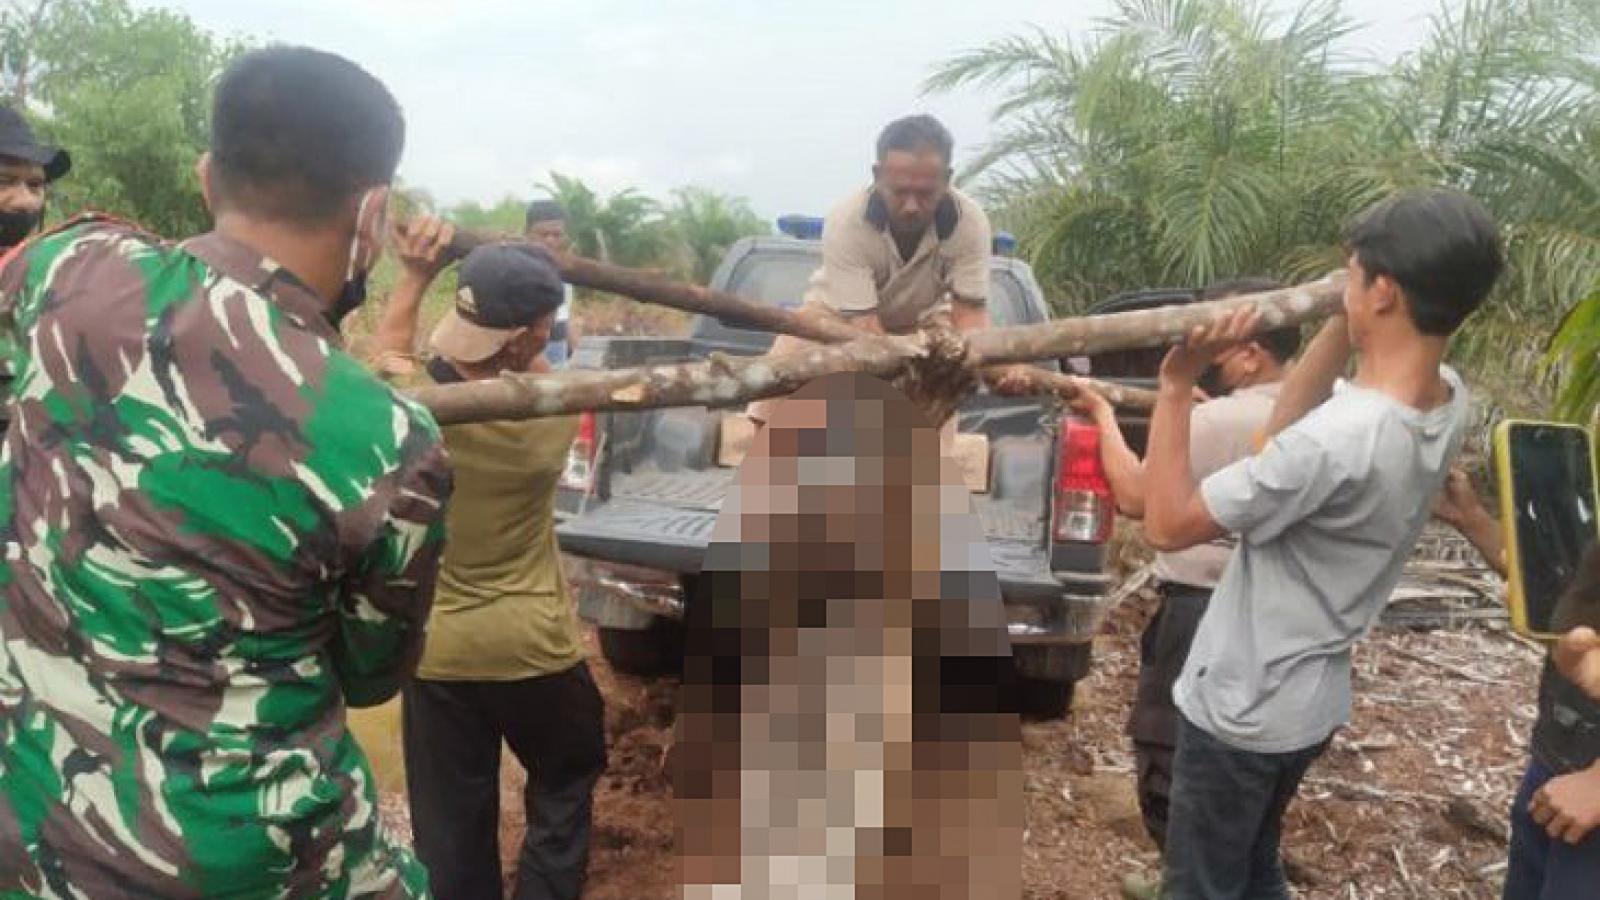 Indonesia: Hổ quý Sumatra chết vì dính bẫy